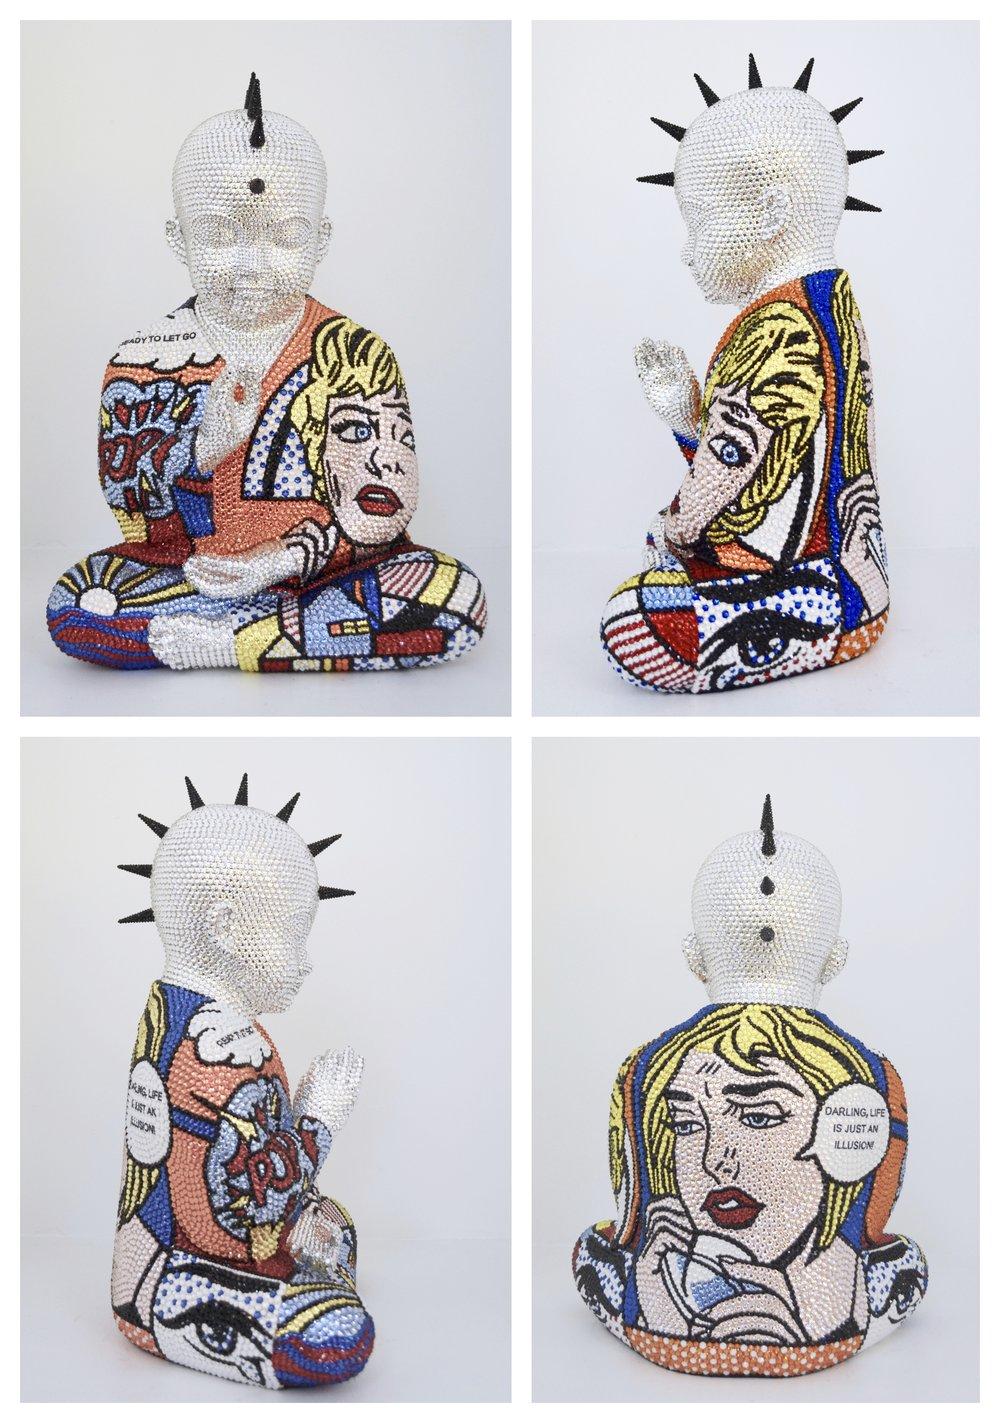 Roy Lichtenstein Sculpture Metis Atash